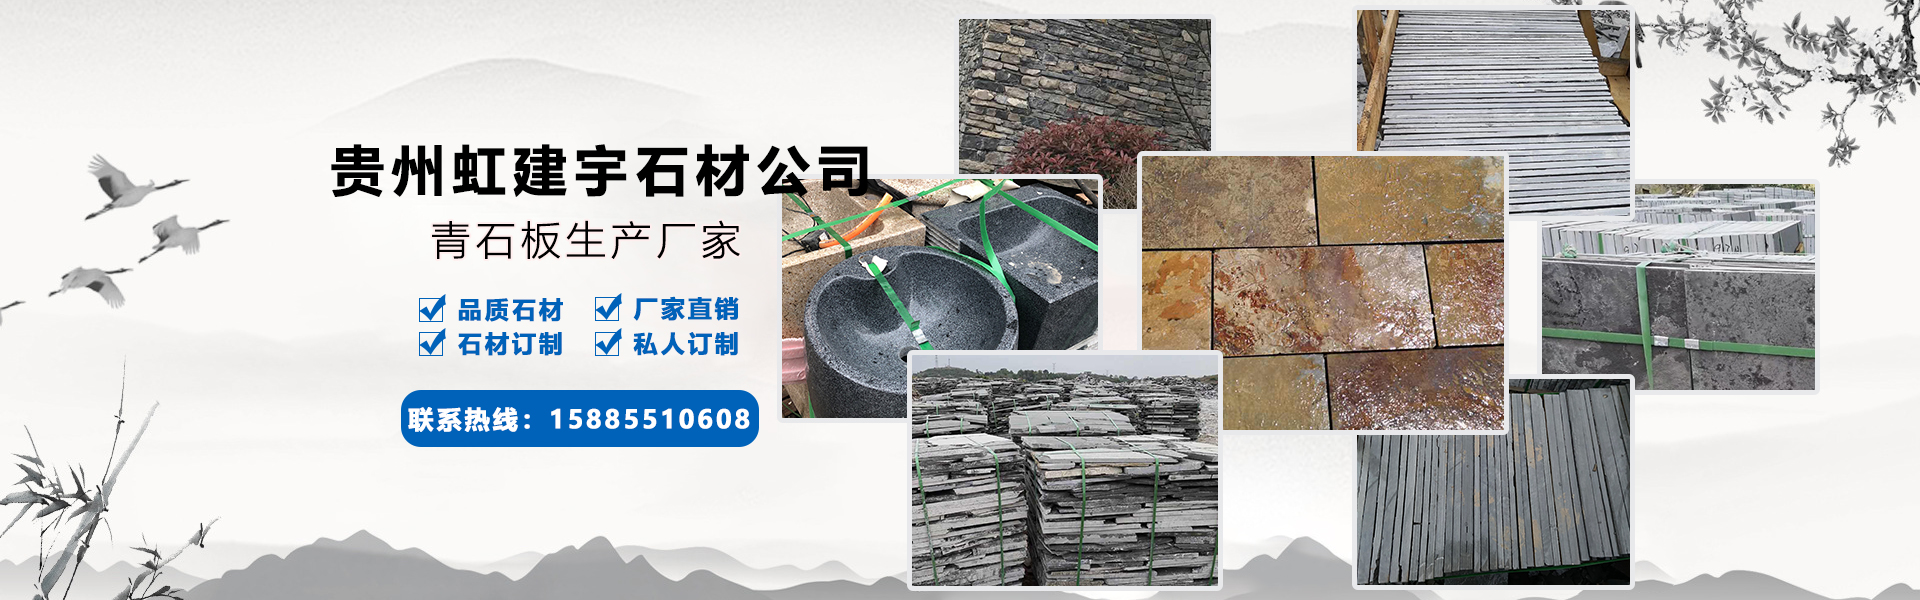 青石板,青石板石材,贵州青石板厂家,自然青石板直销,青石板生产厂家